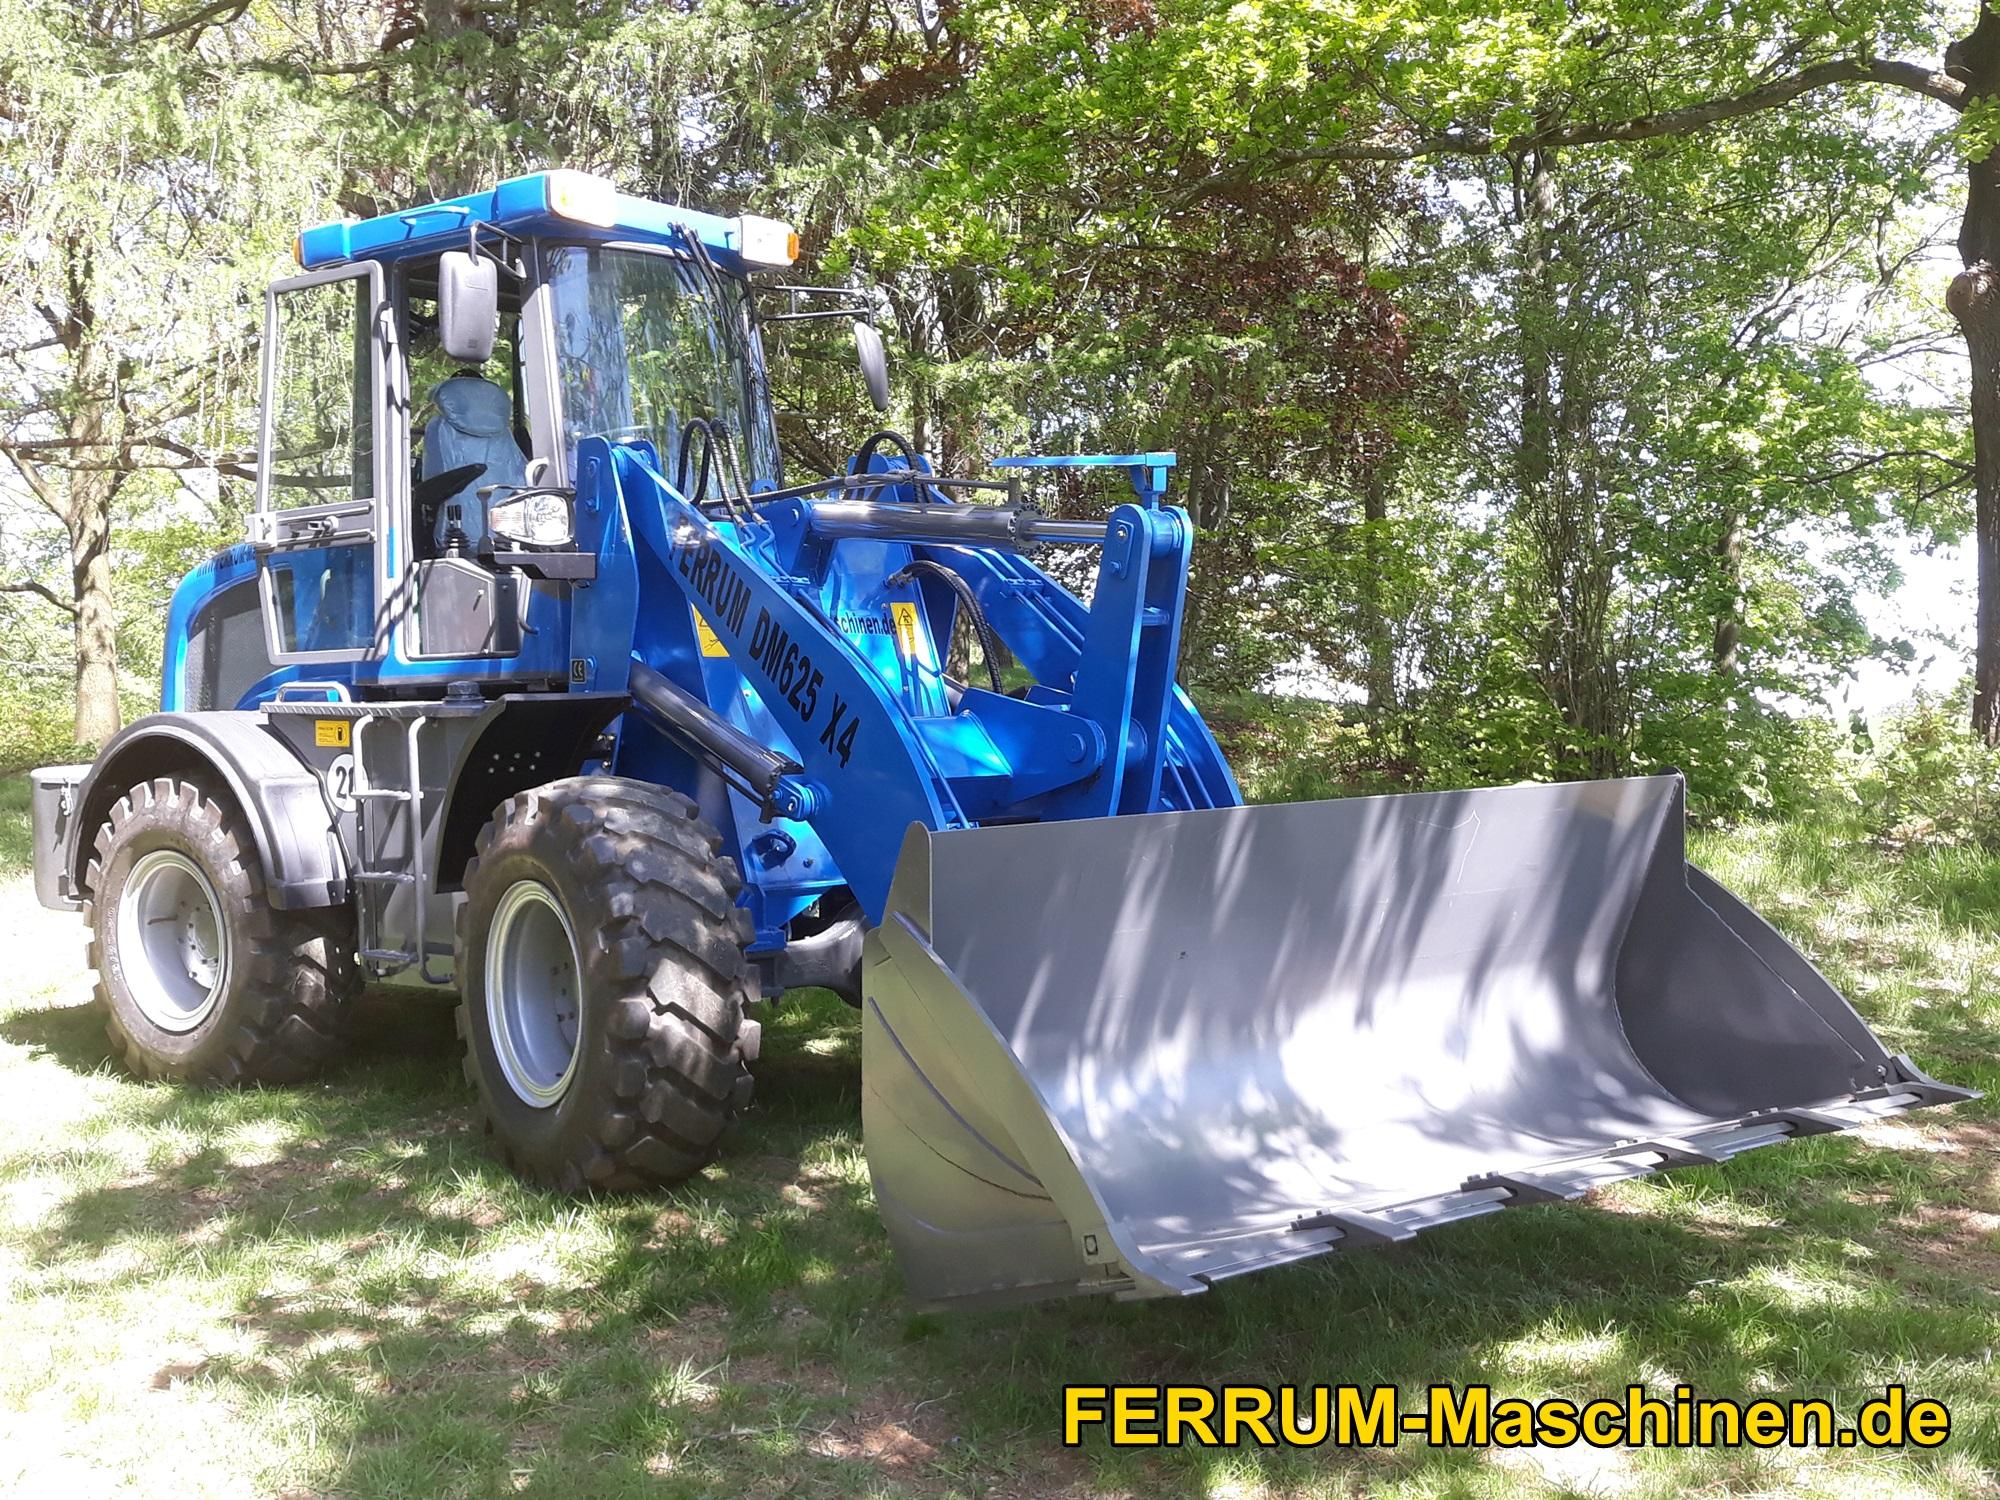 FERRUM DM 624 x4 in Blau im Wald